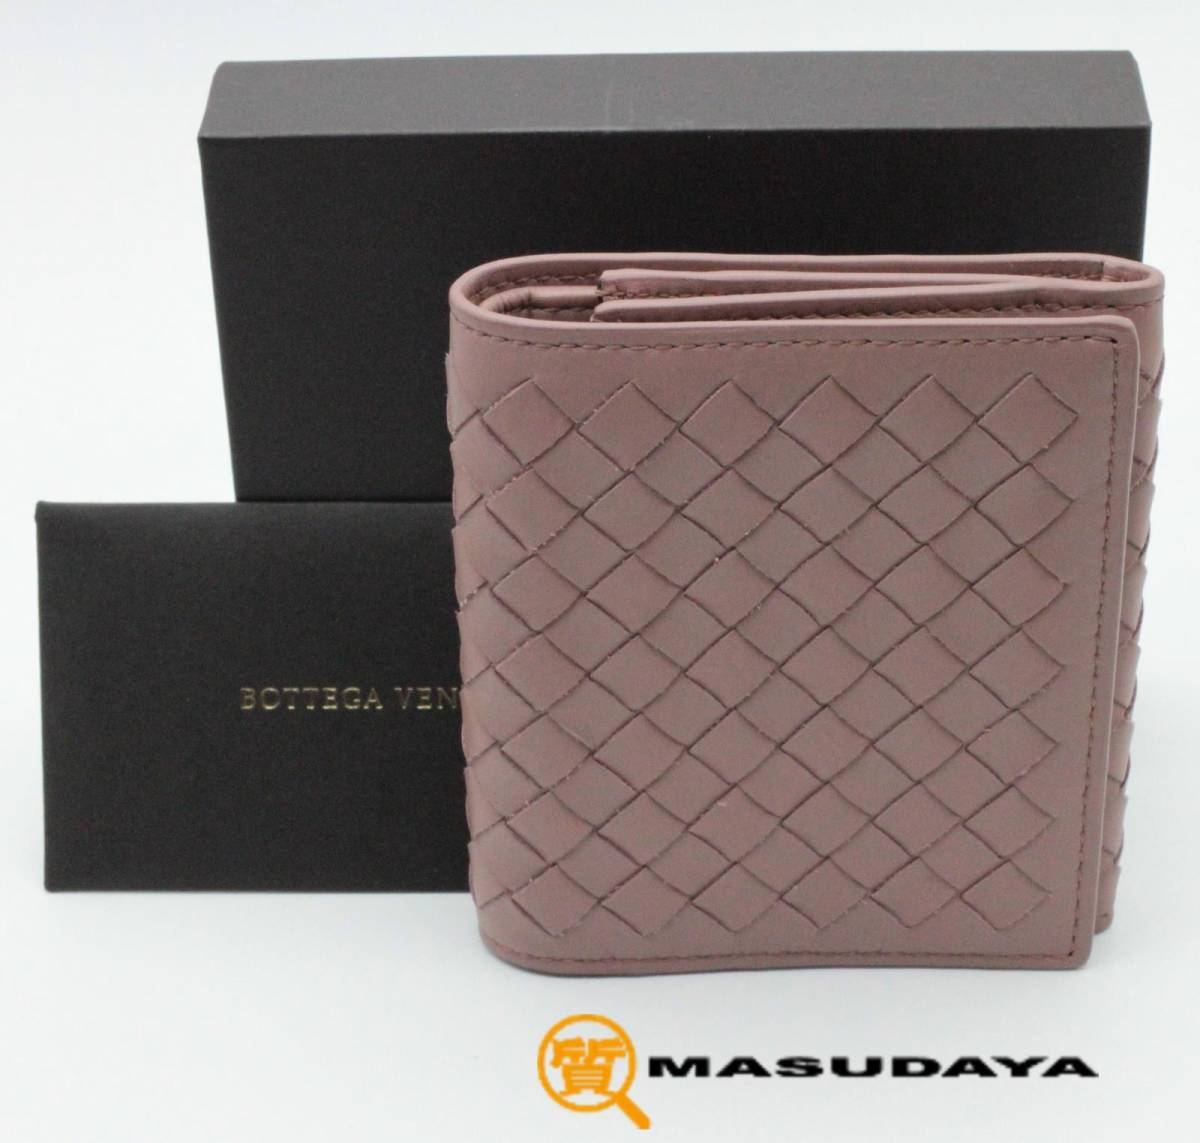 ◆◇【超美品】Bottega Veneta ボッテガヴェネタ イントレチャート 三つ折り財布◇◆_画像1